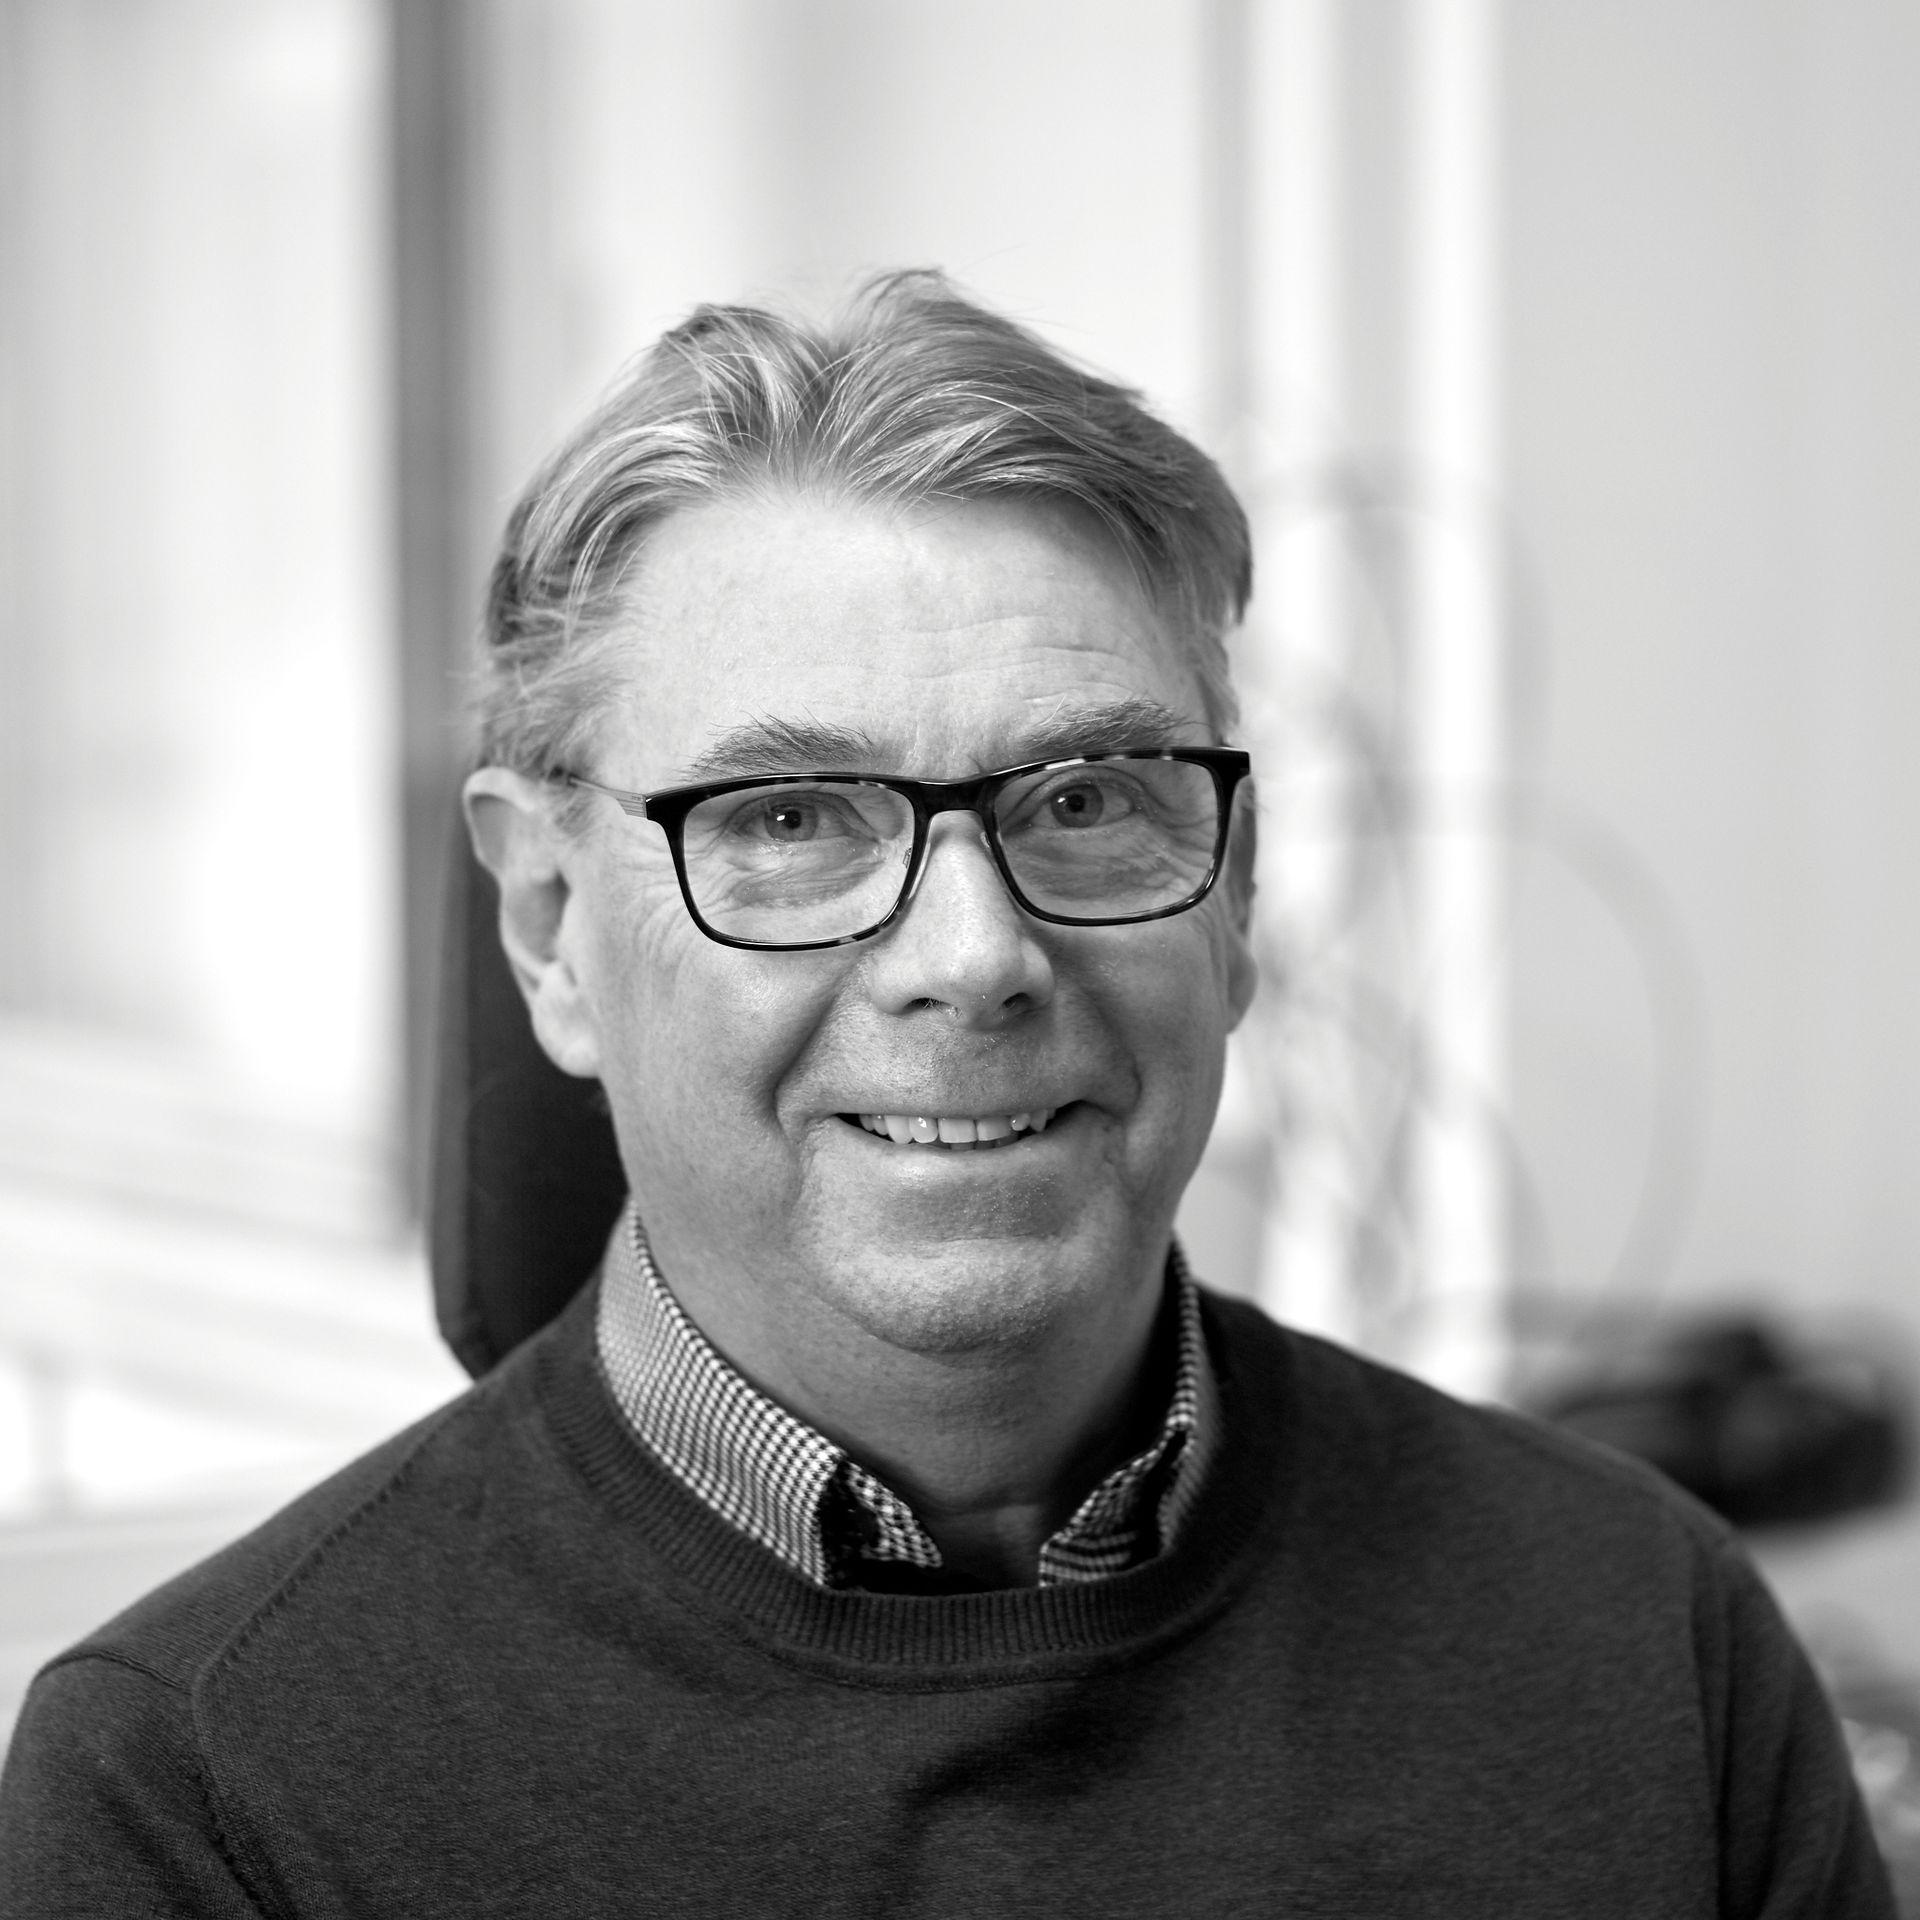 Lars Sandgren